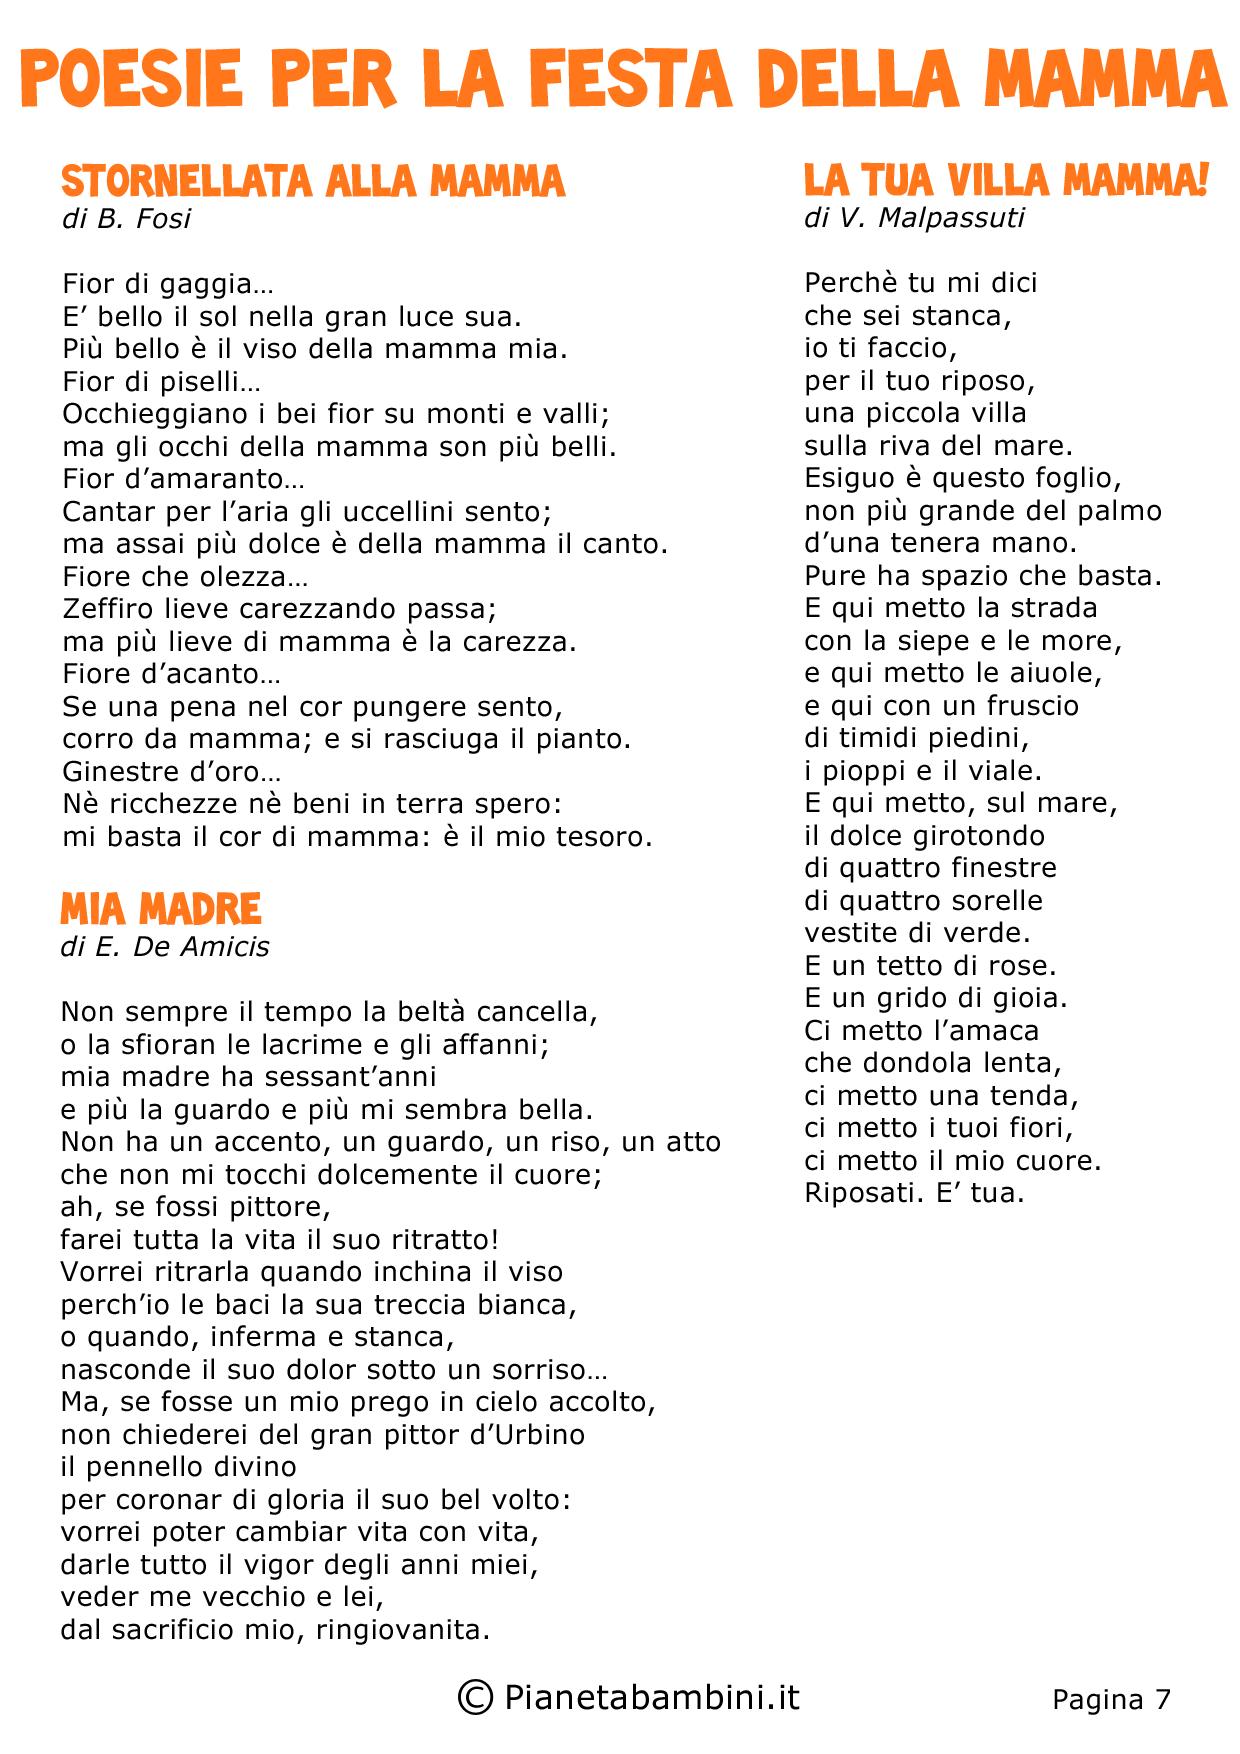 Poesie per la festa della mamma bambini